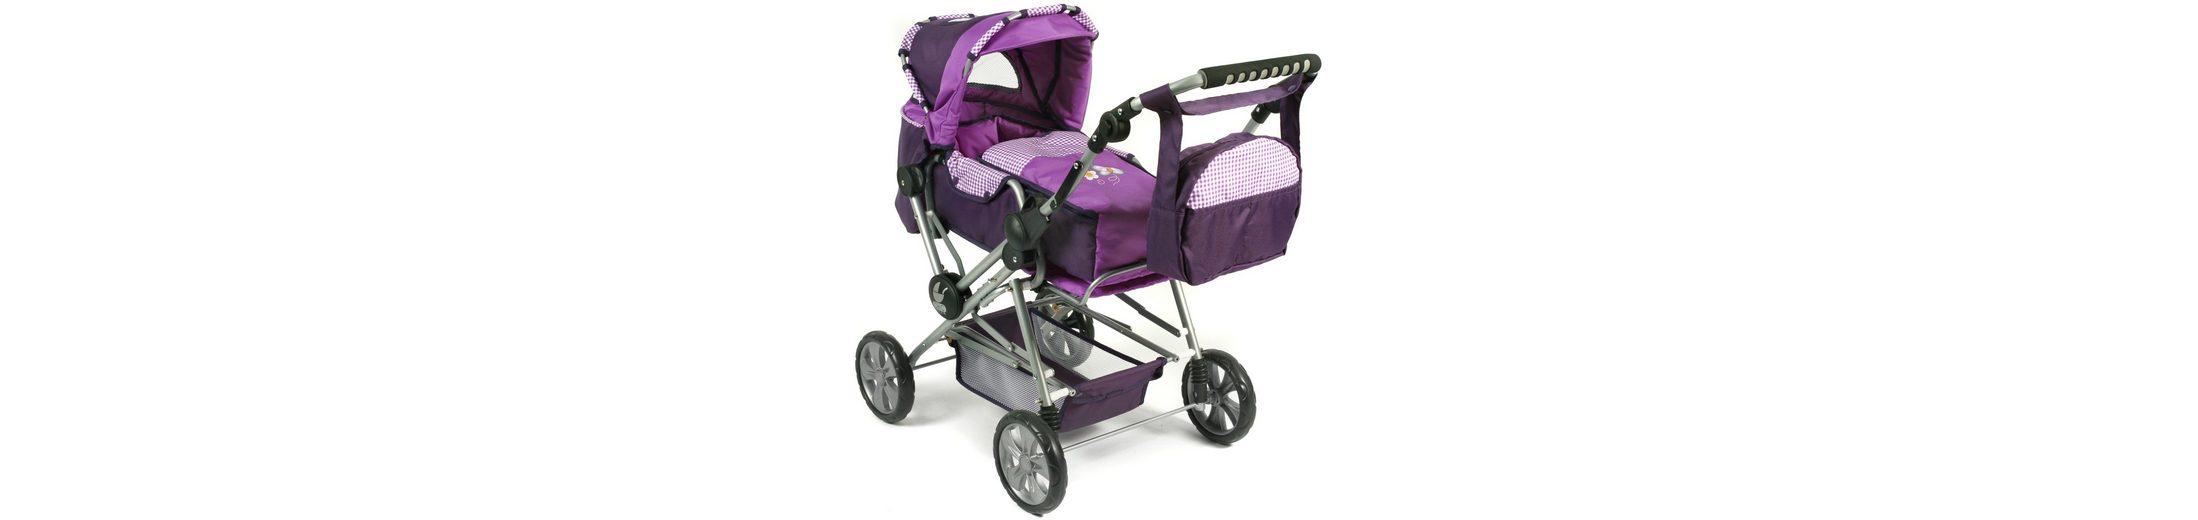 CHIC2000 Kombi Puppenwagen mit herausnehmbarer Tragetasche, »ROAD STAR Purple«